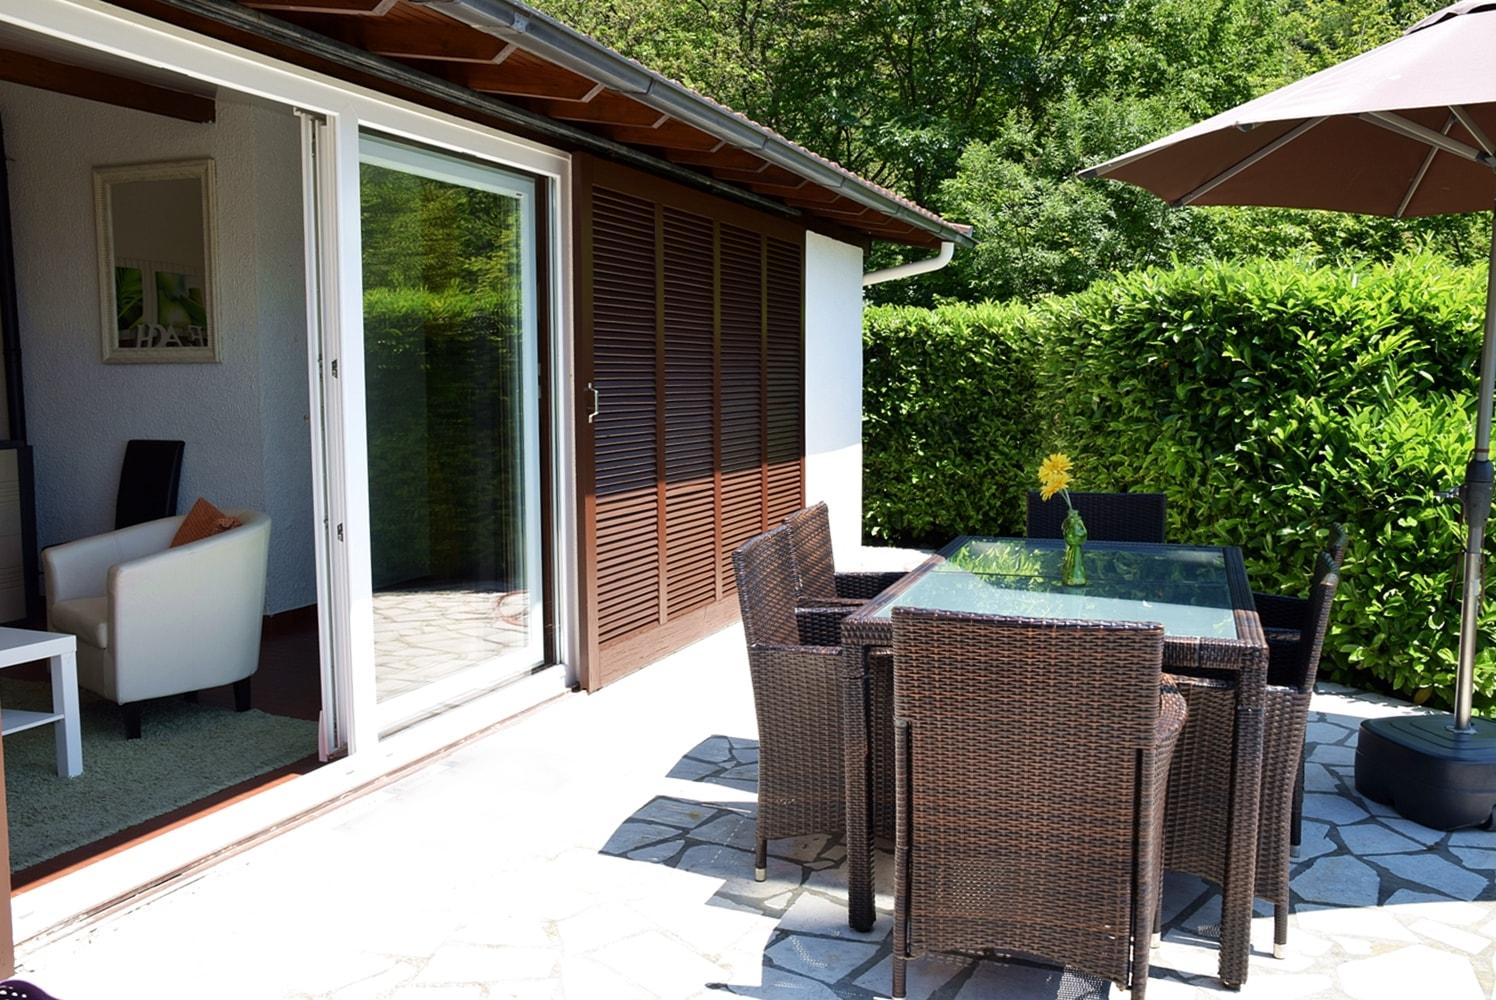 Ferienhaus am Gardasee mieten.